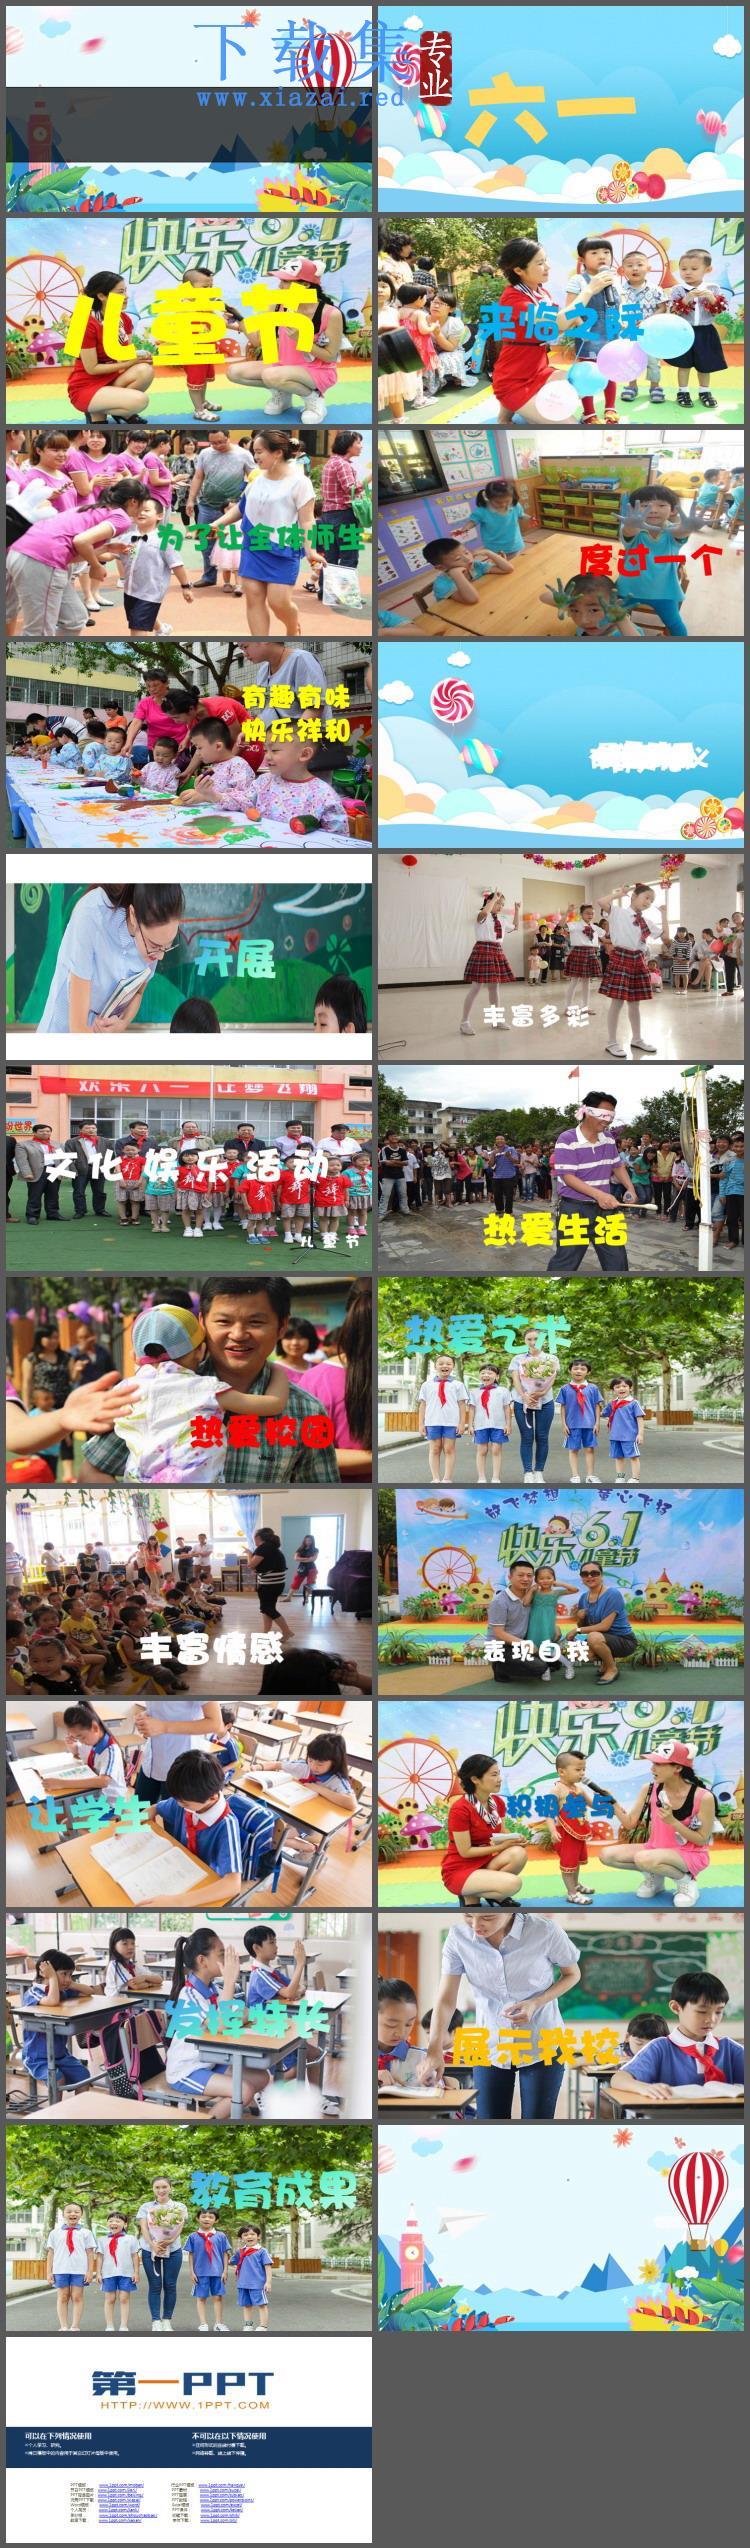 快闪风六一儿童节幼儿园活动展示PPT模板  第2张